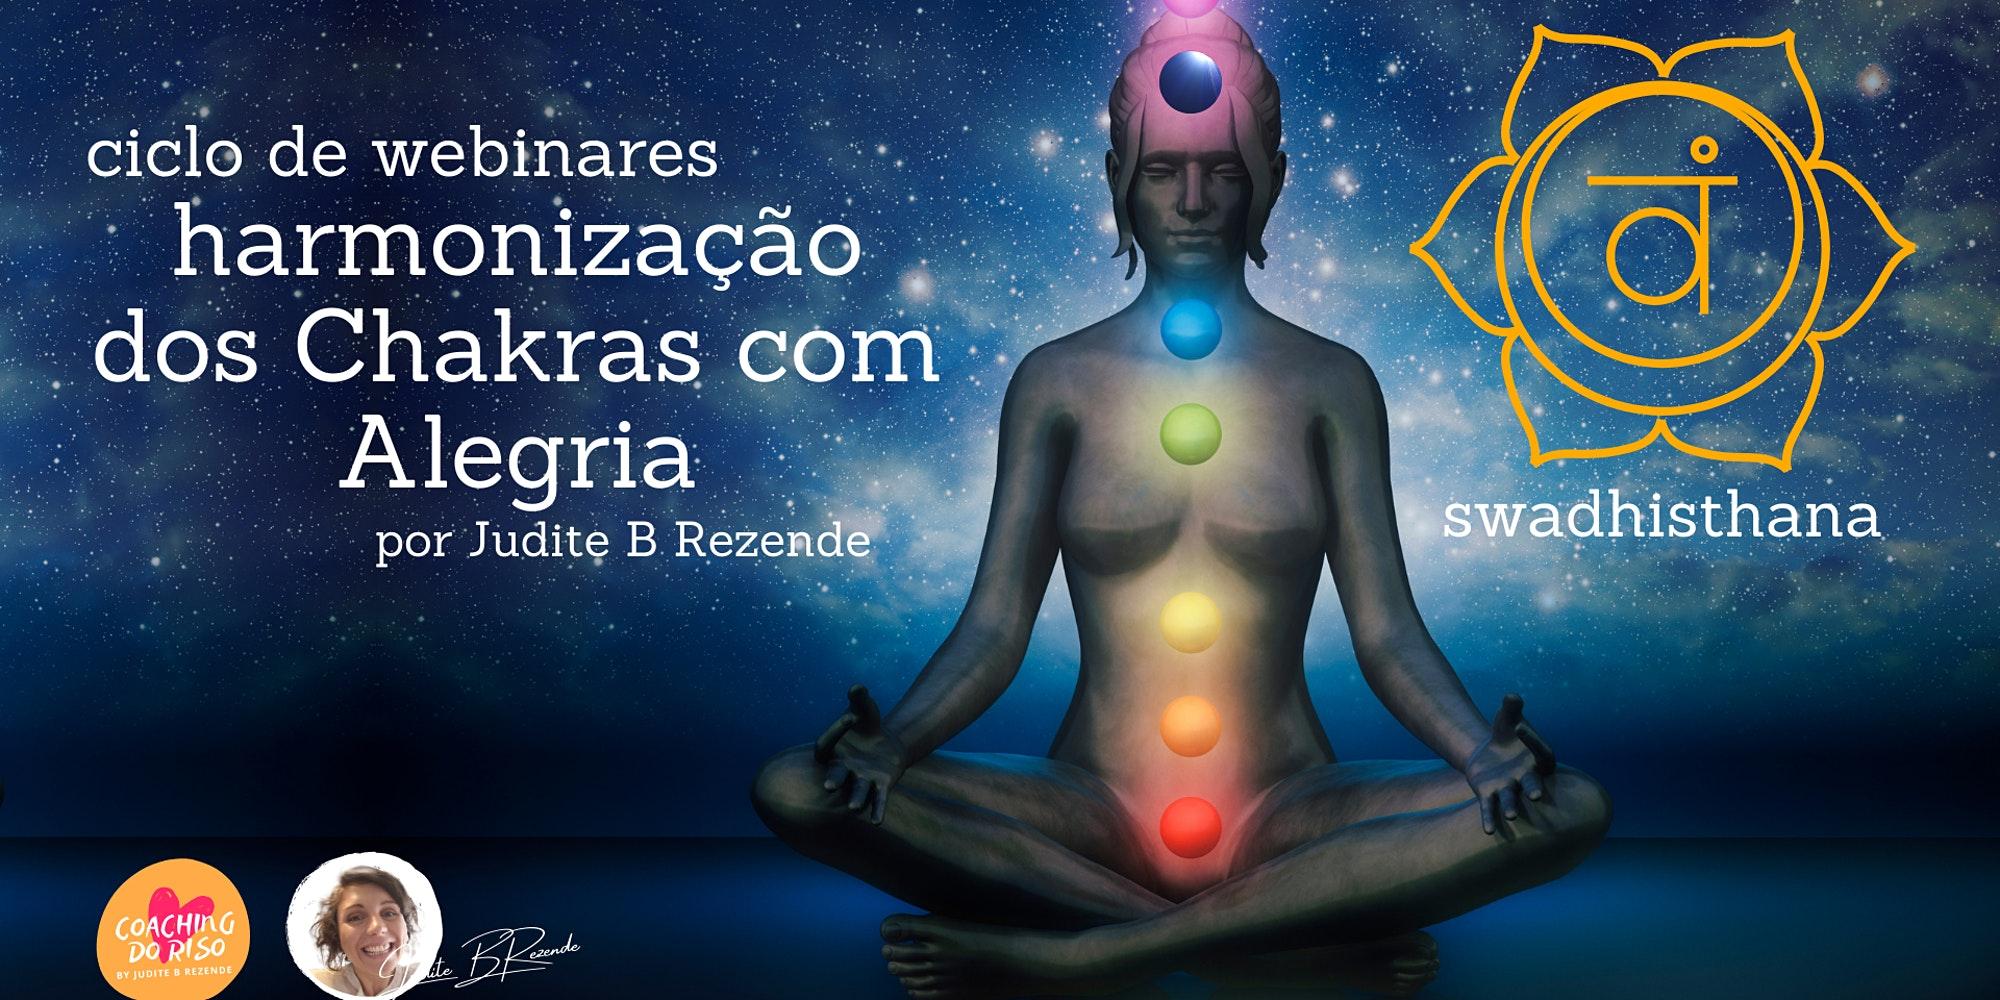 Harmonização dos Chakras com Alegria - Swadhisthana